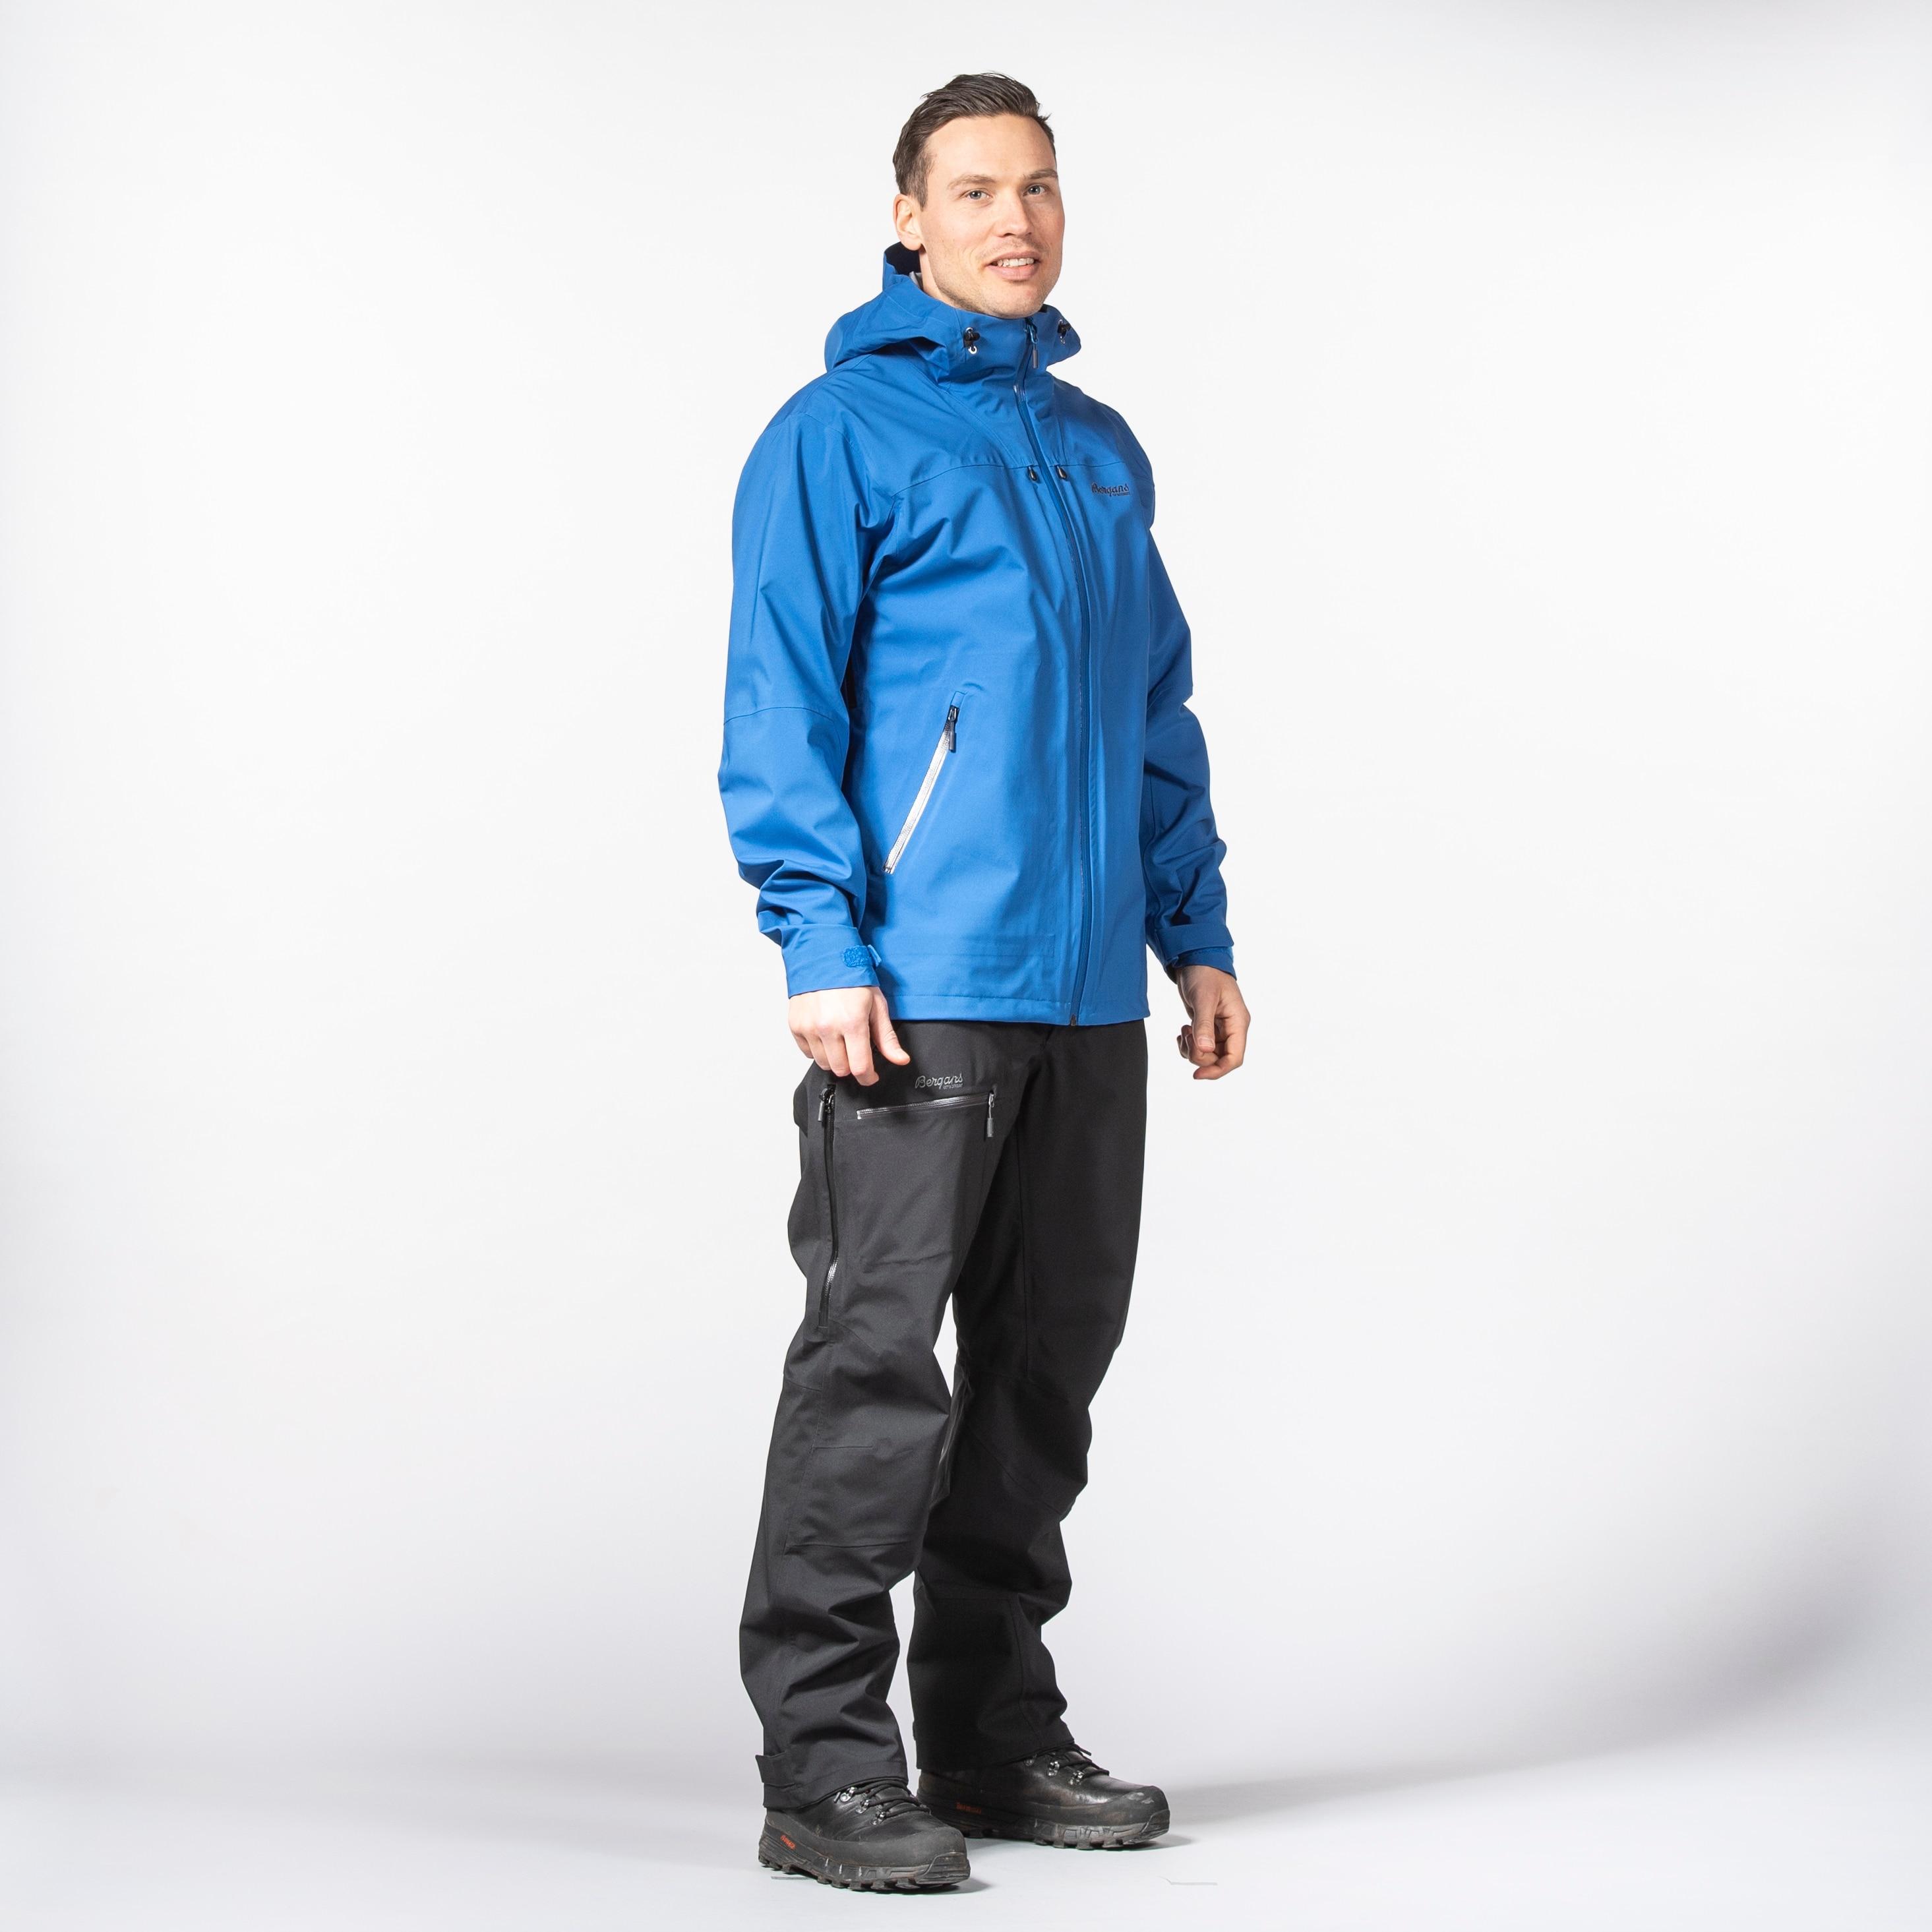 Breheimen 3L Jacket